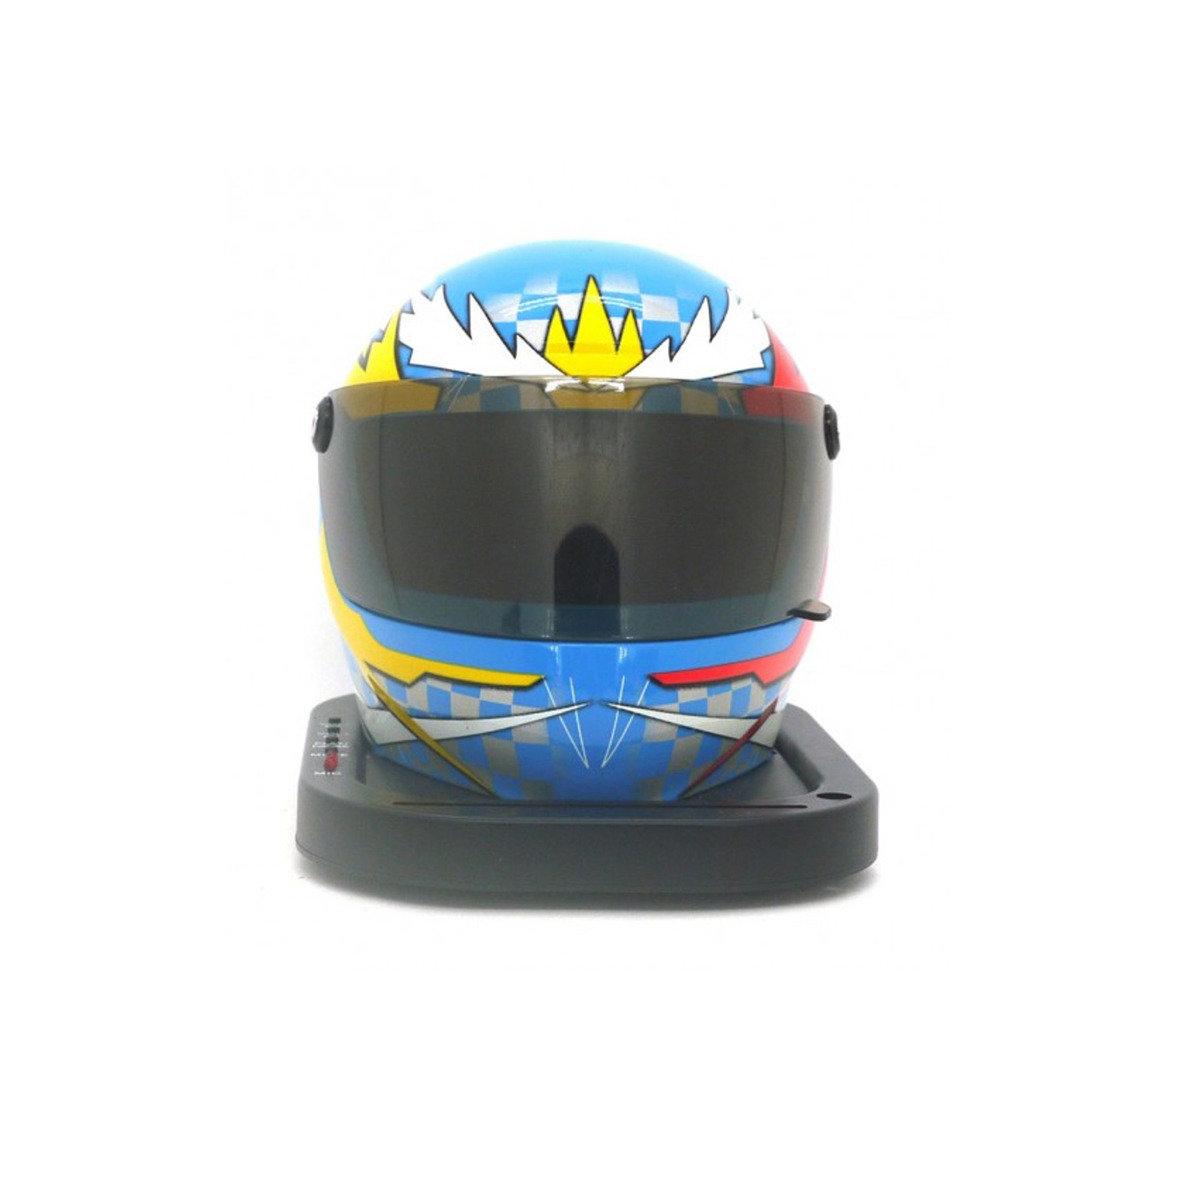 迷你頭盔型揚聲器 - 粉藍